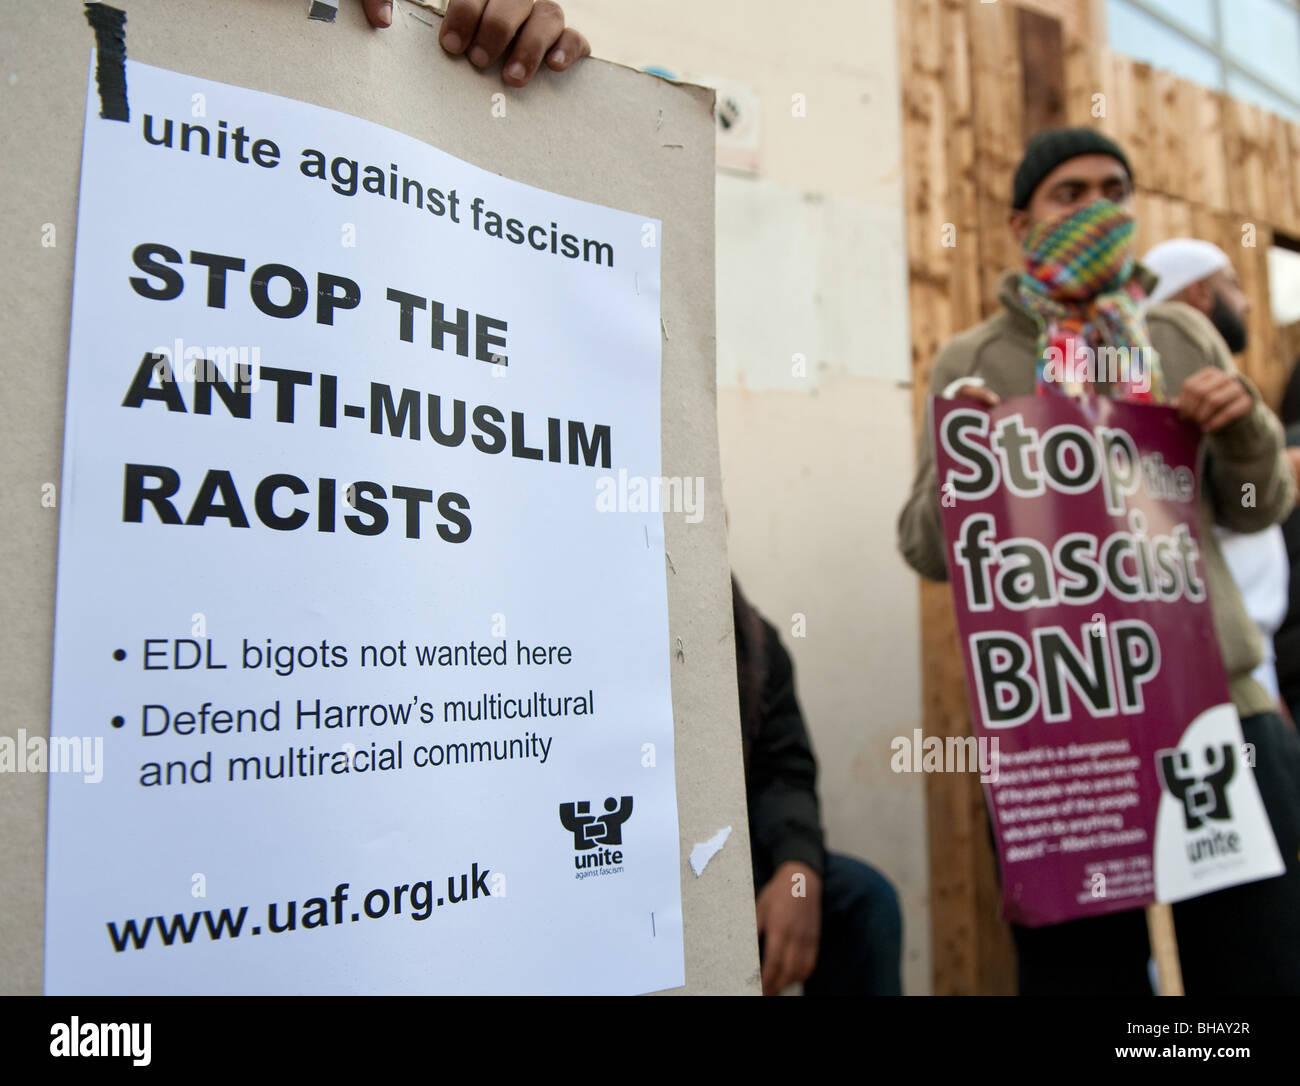 UAF (United against fascism) poster against racism - Stock Image